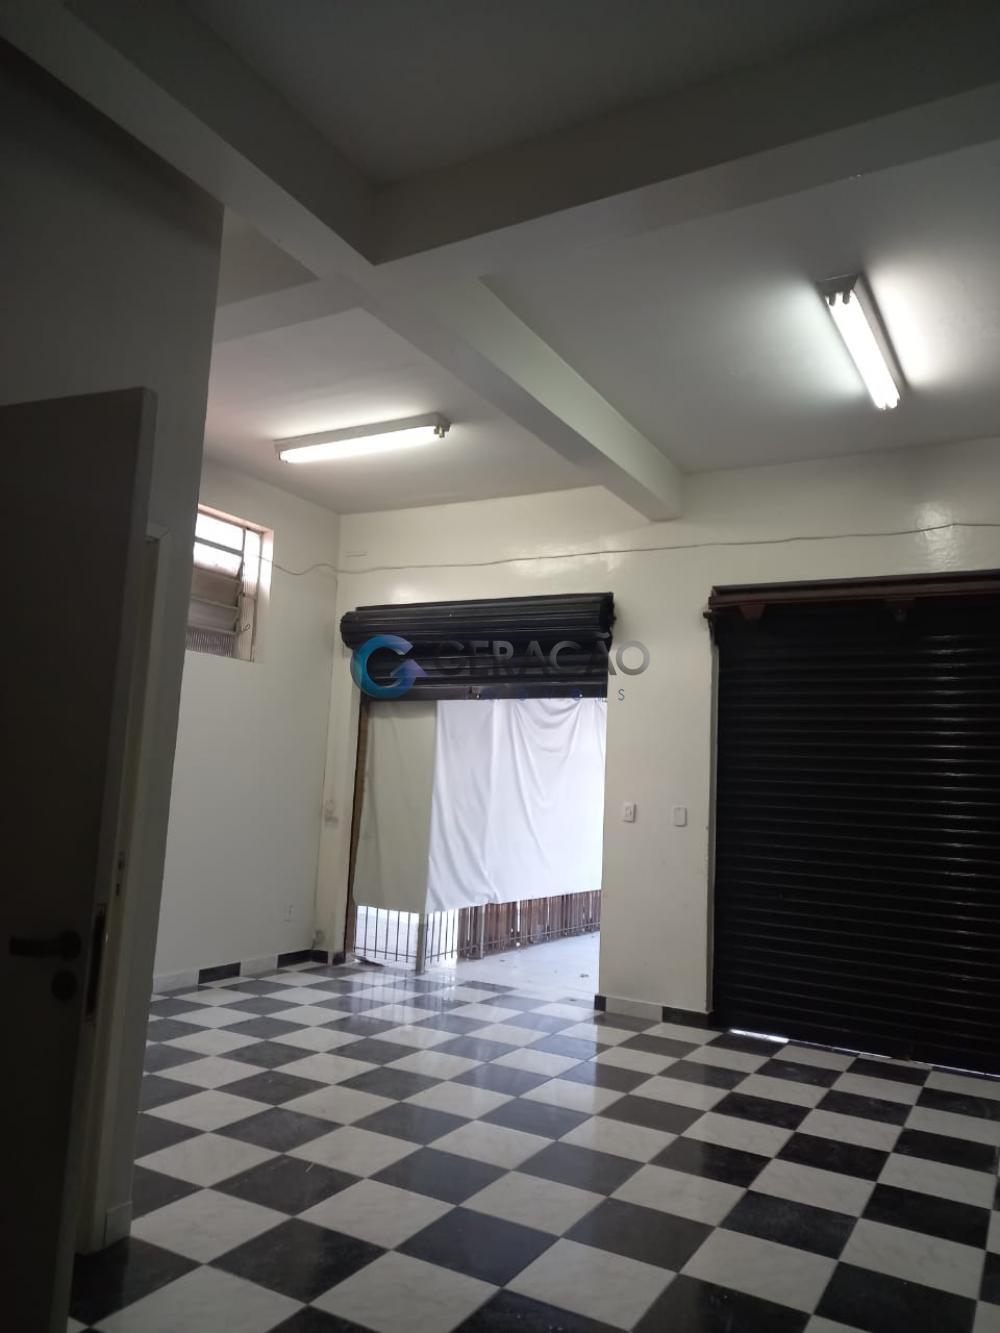 Alugar Comercial / Sala em São José dos Campos R$ 1.500,00 - Foto 5